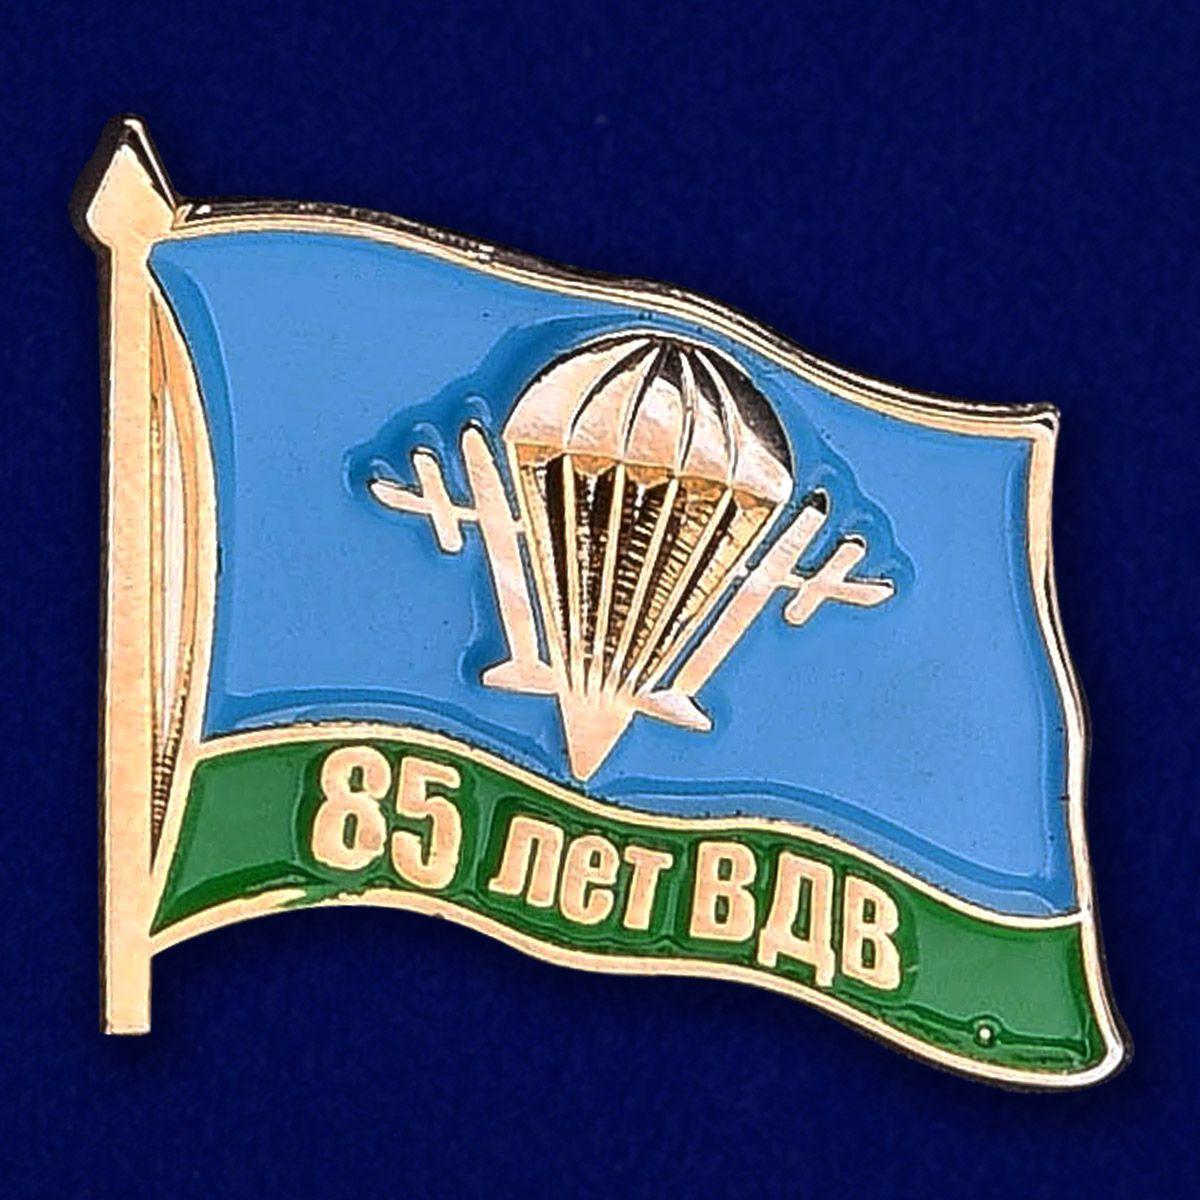 Значок к 85-летию ВДВ